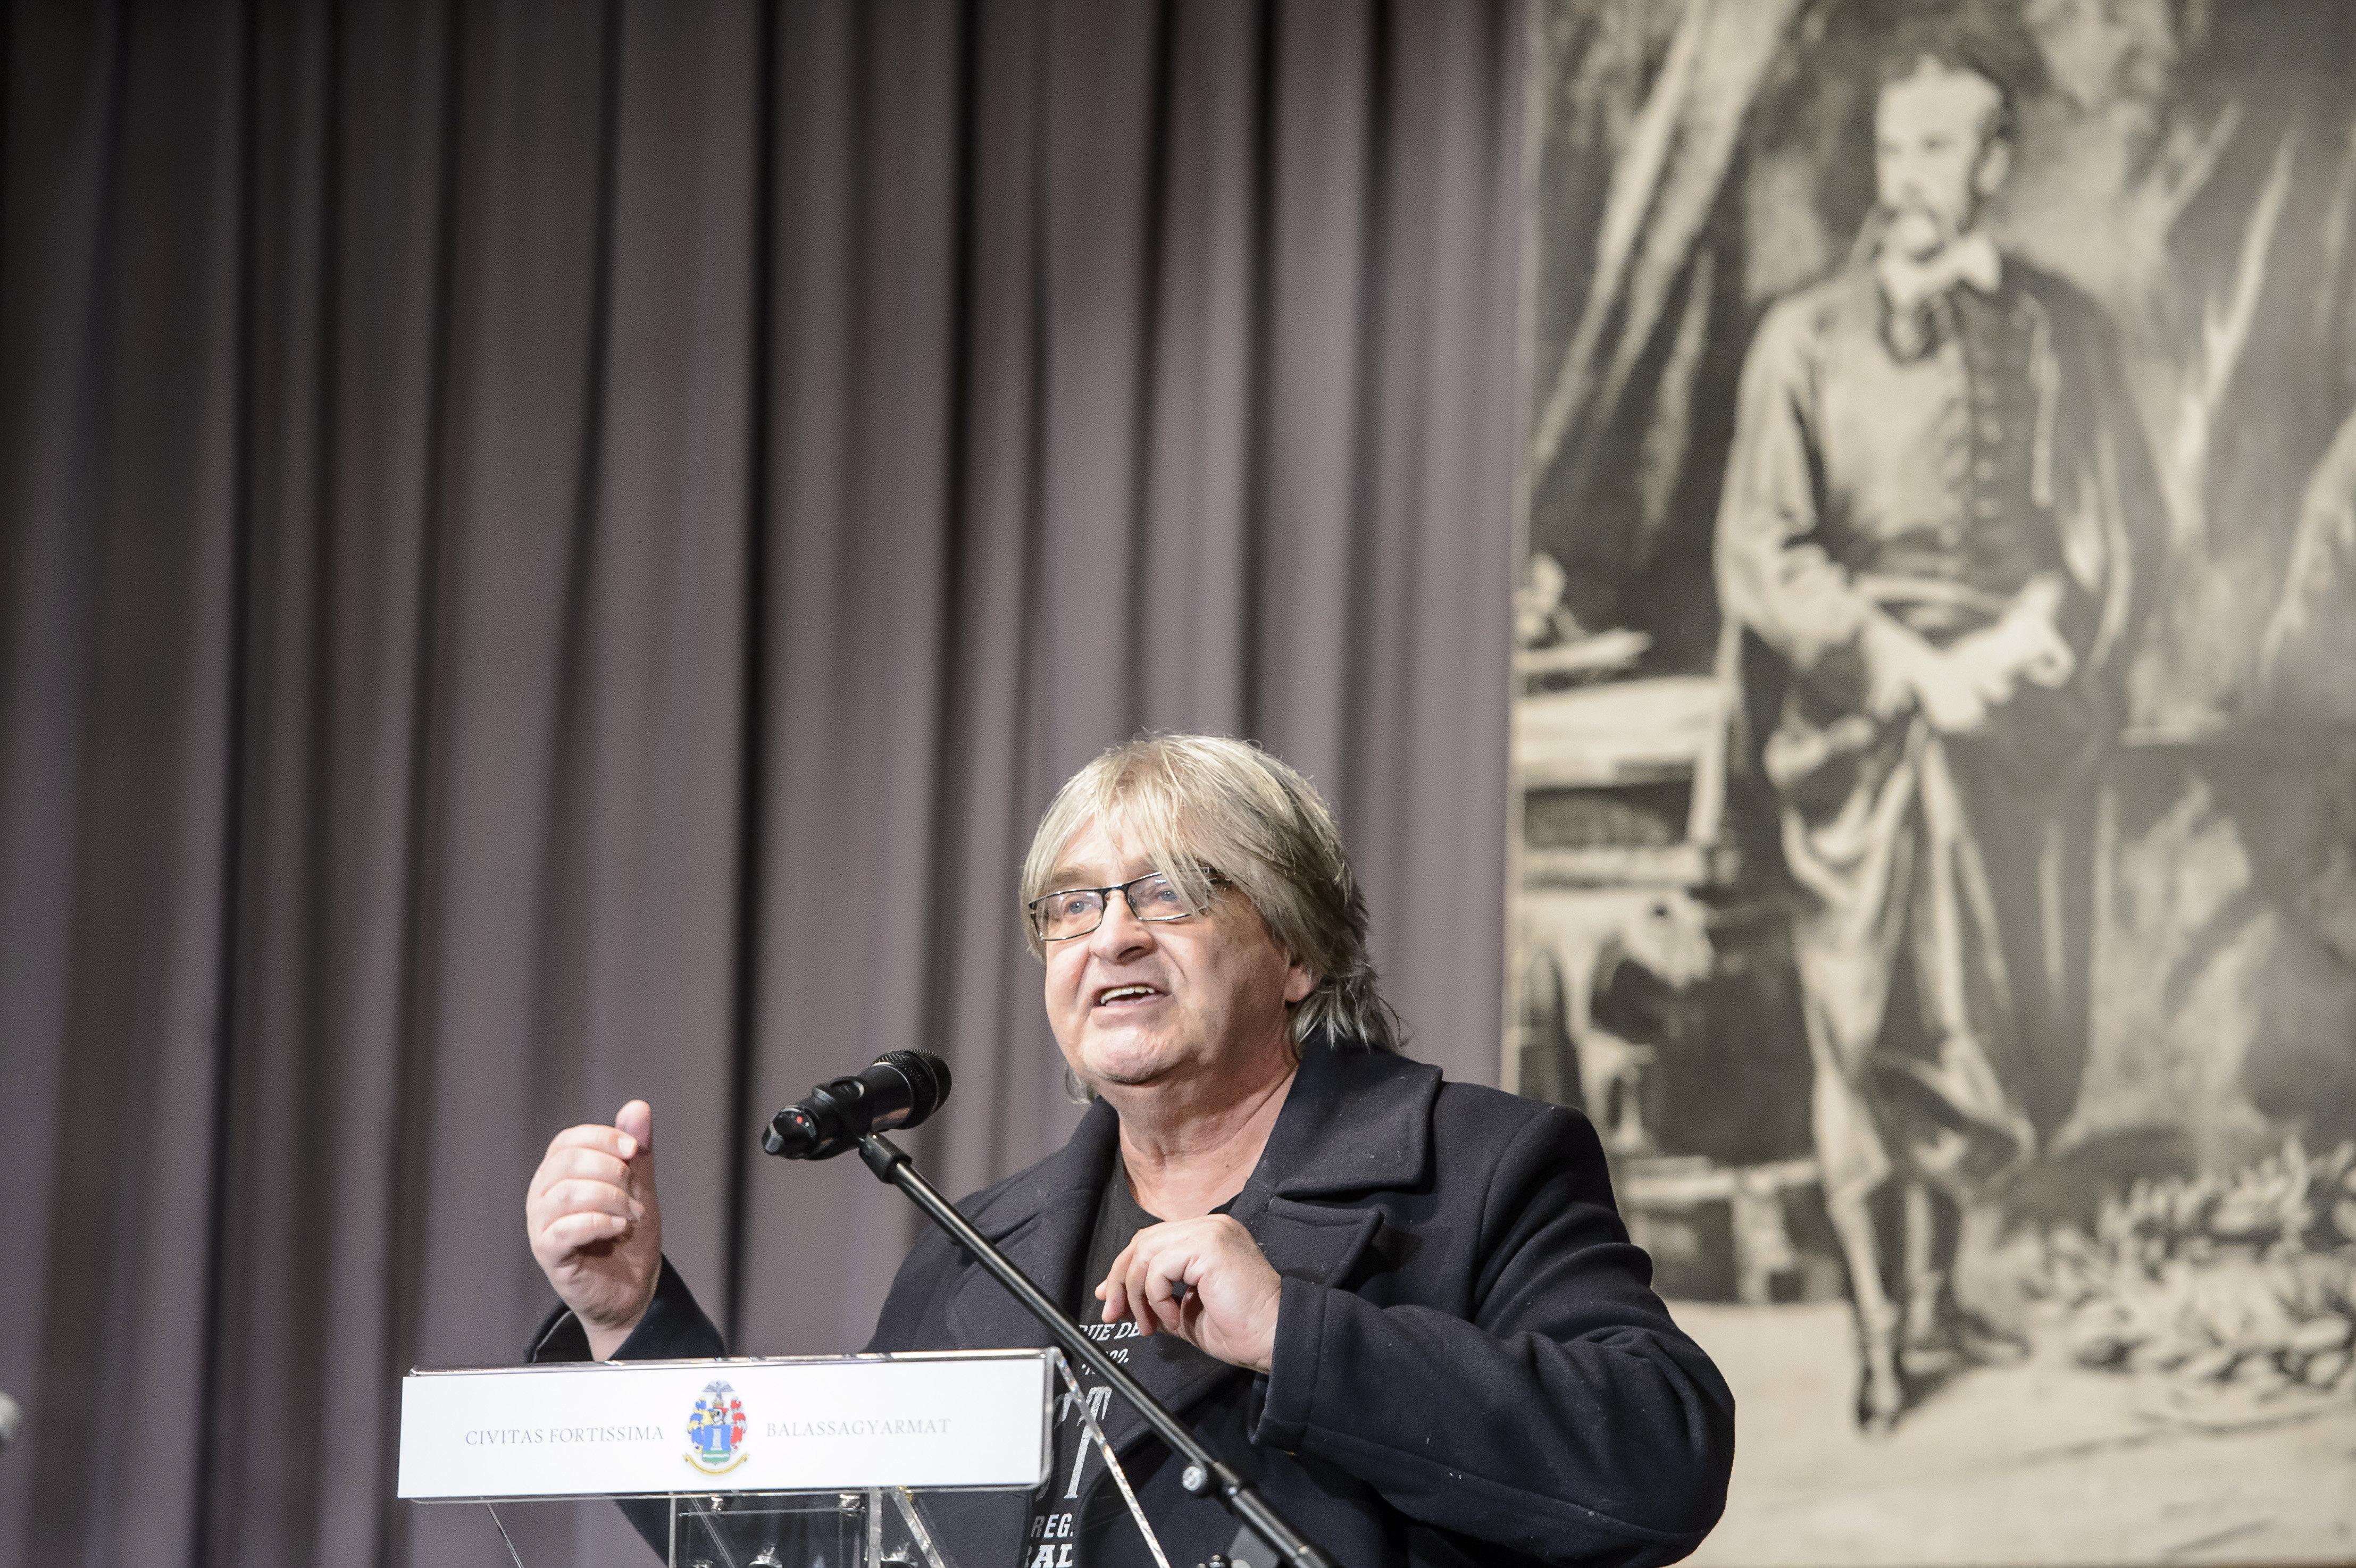 Dörner György, Káel Csaba és Szombathy Gyula is Kossuth-díjat kapott